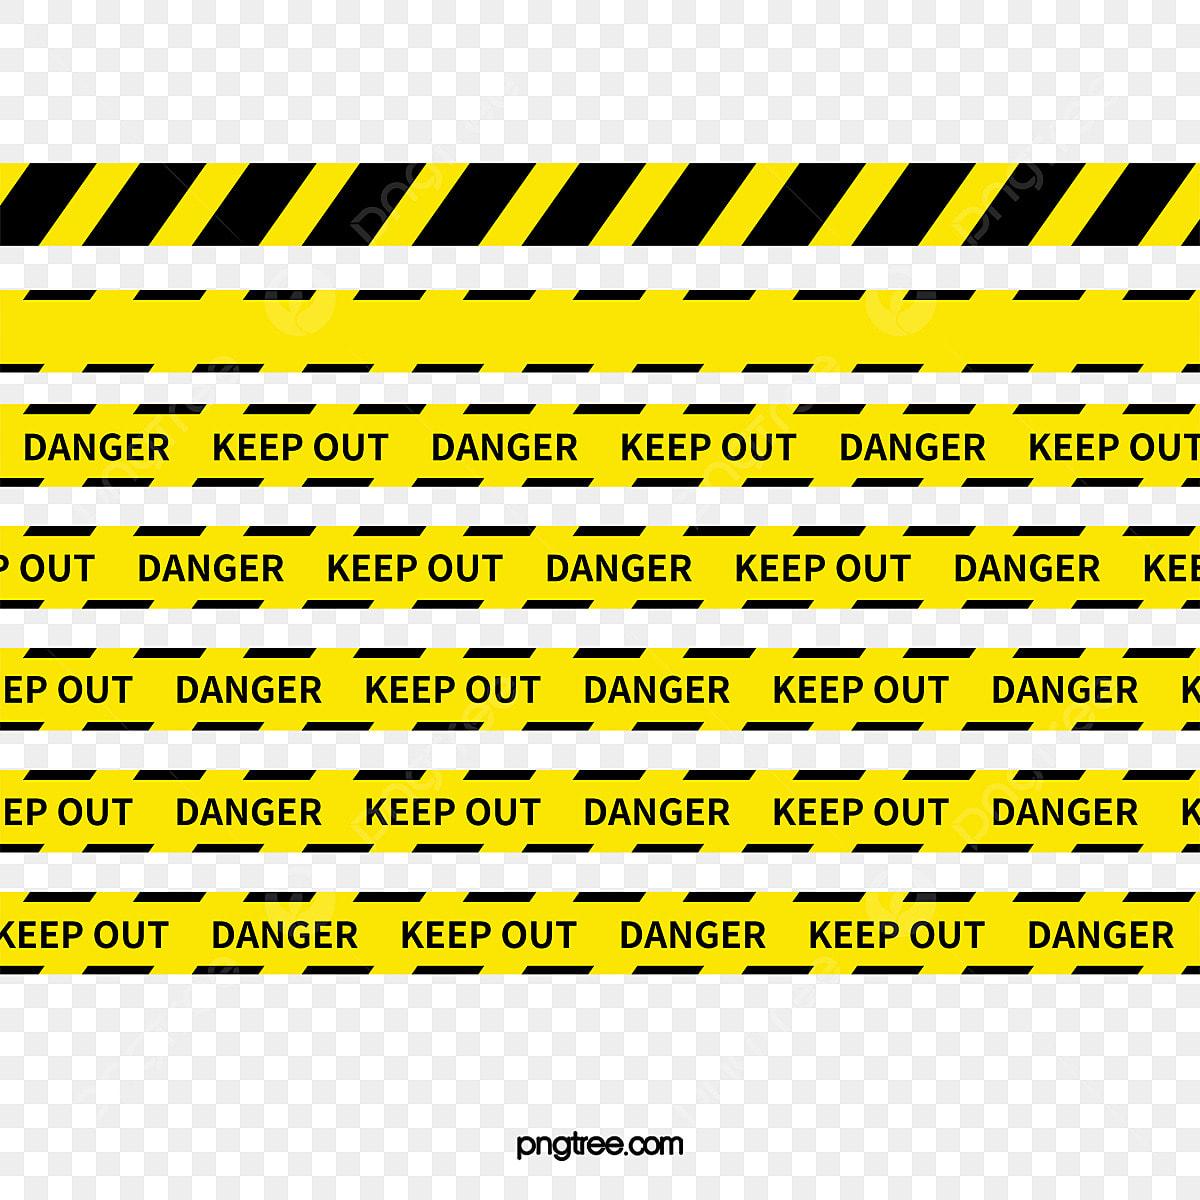 黄黑あや織り警戒線, 黄色警戒線, 黄黑警戒線, 黄黑あや織り画像とPSD ...